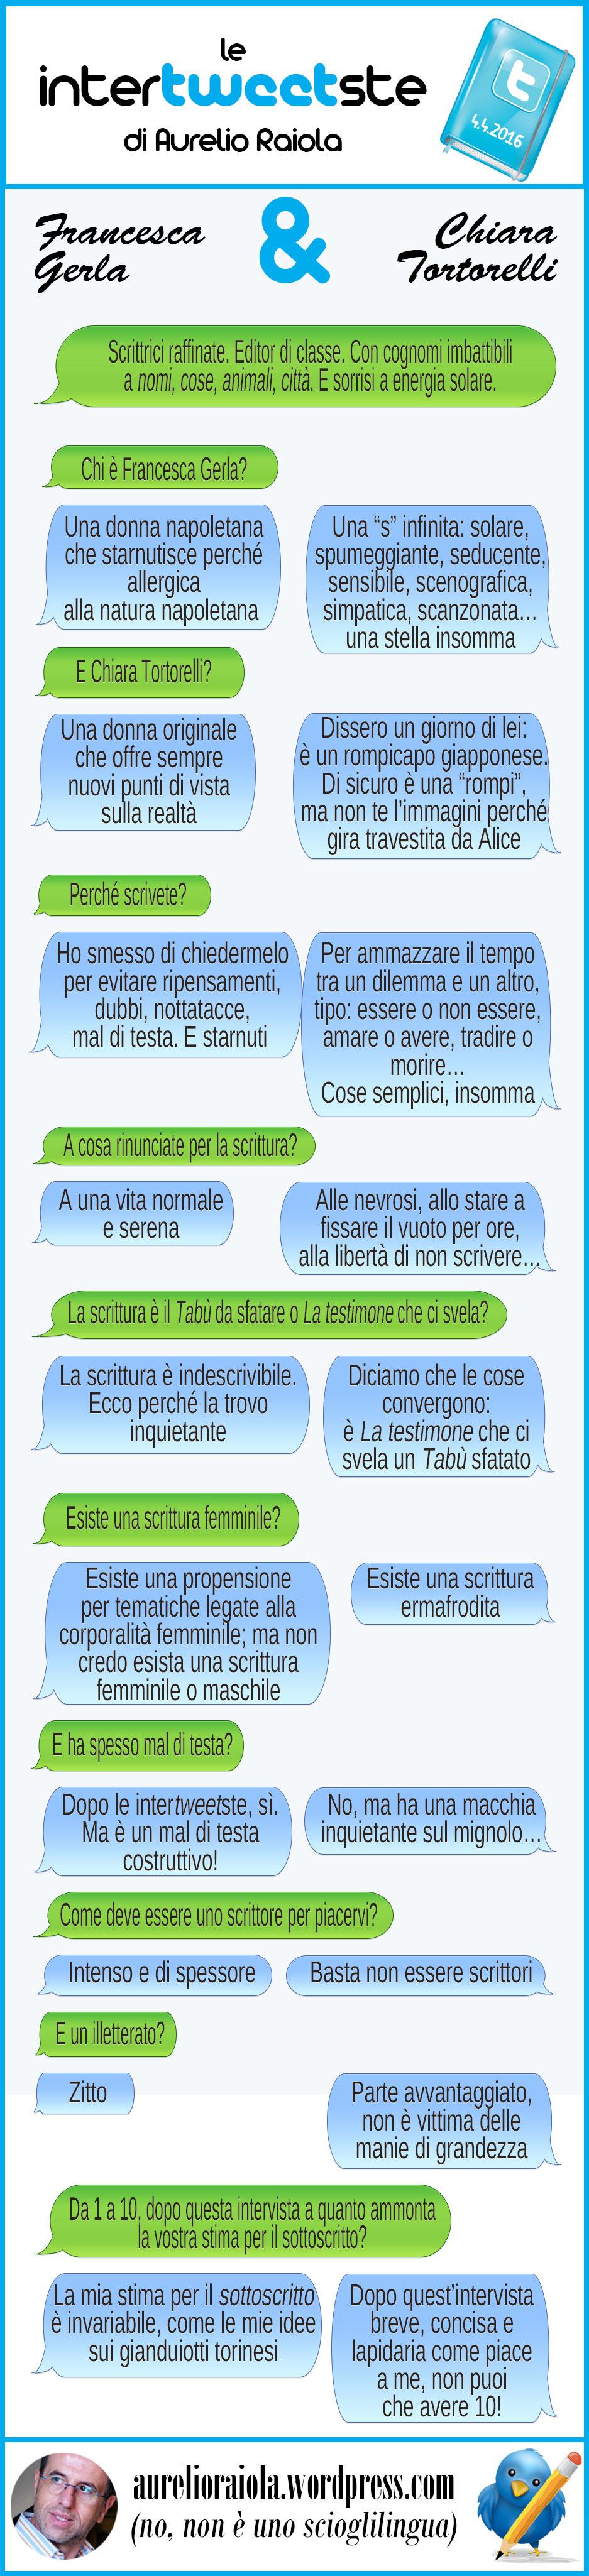 20160404-Intertweetste-Francesca-Gerla-e-Chiara-Tortorelli